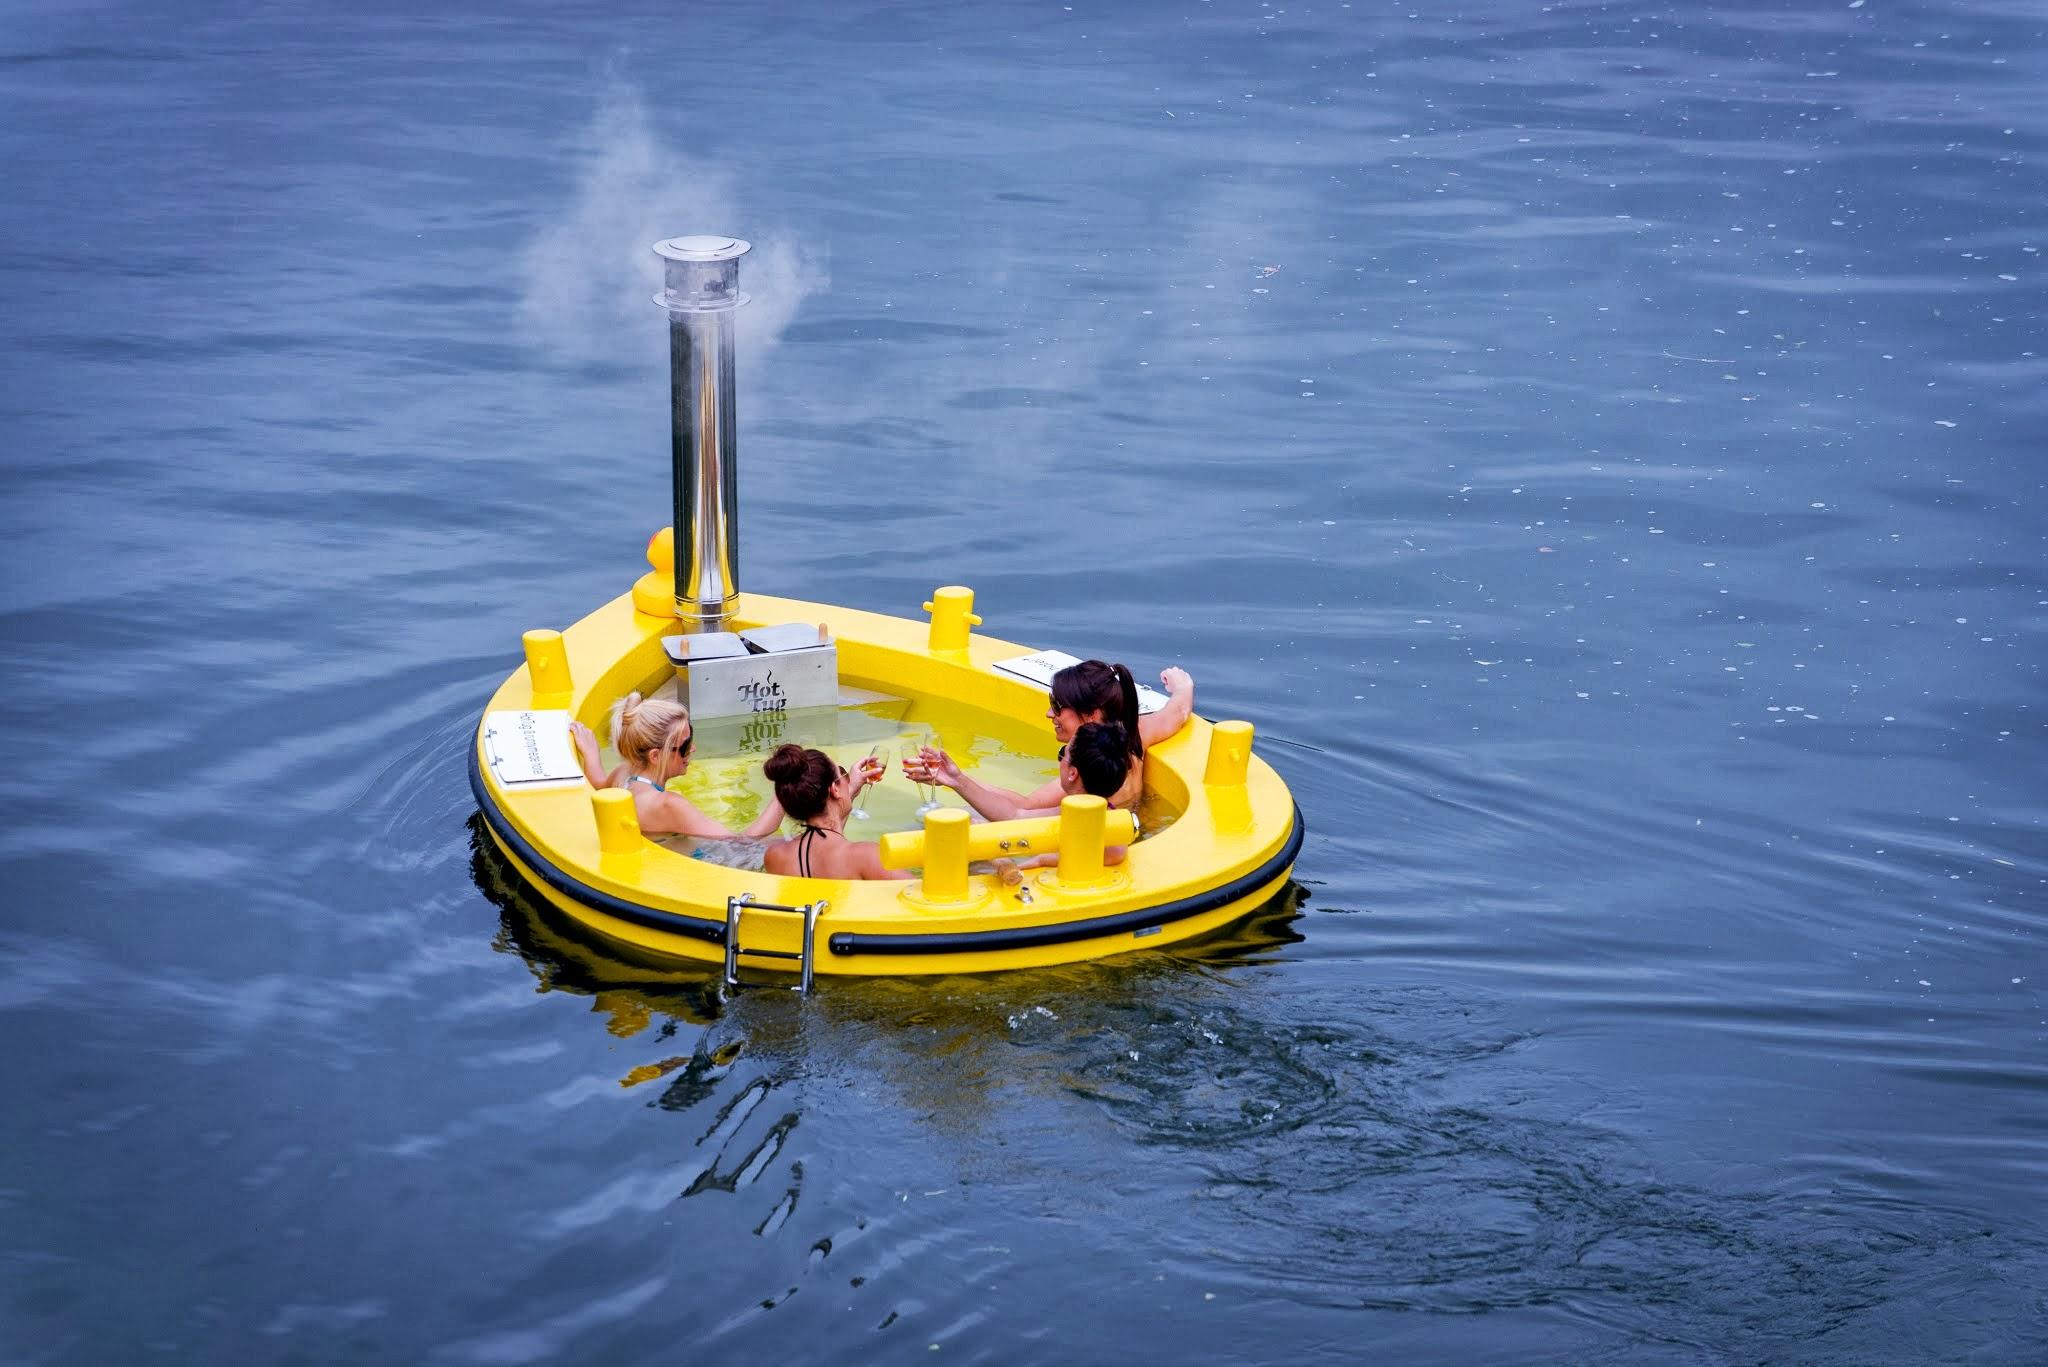 Vasca Da Bagno Litri : Litri vasca da bagno 28 images vasca mastello botte litri 500 in